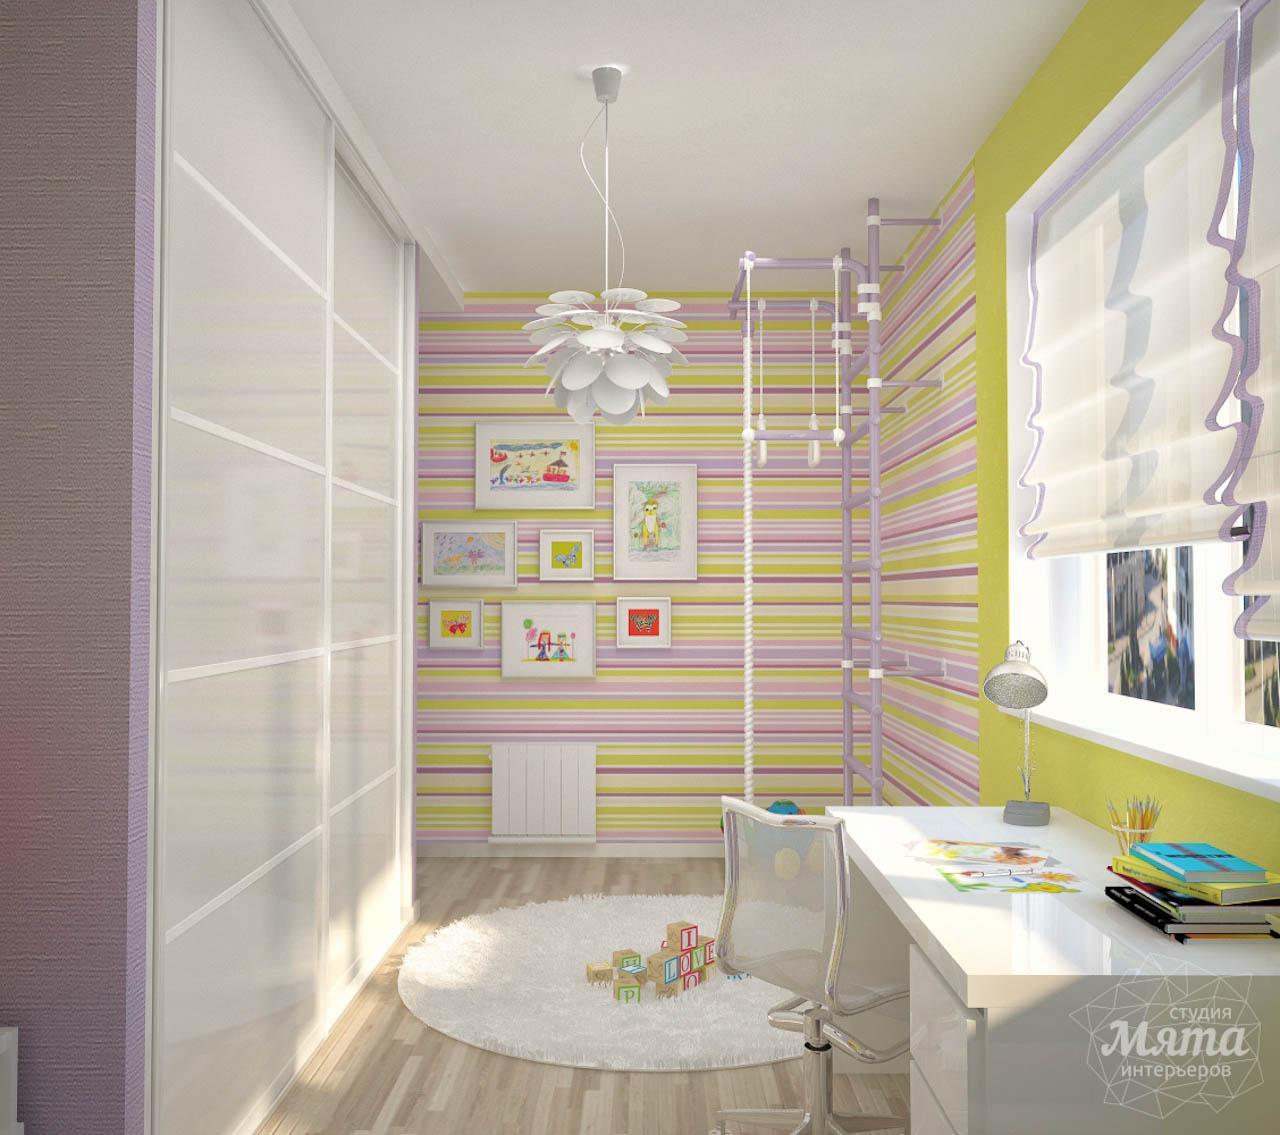 Дизайн интерьера и ремонт трехкомнатной квартиры по ул. Попова 33а img2062625635